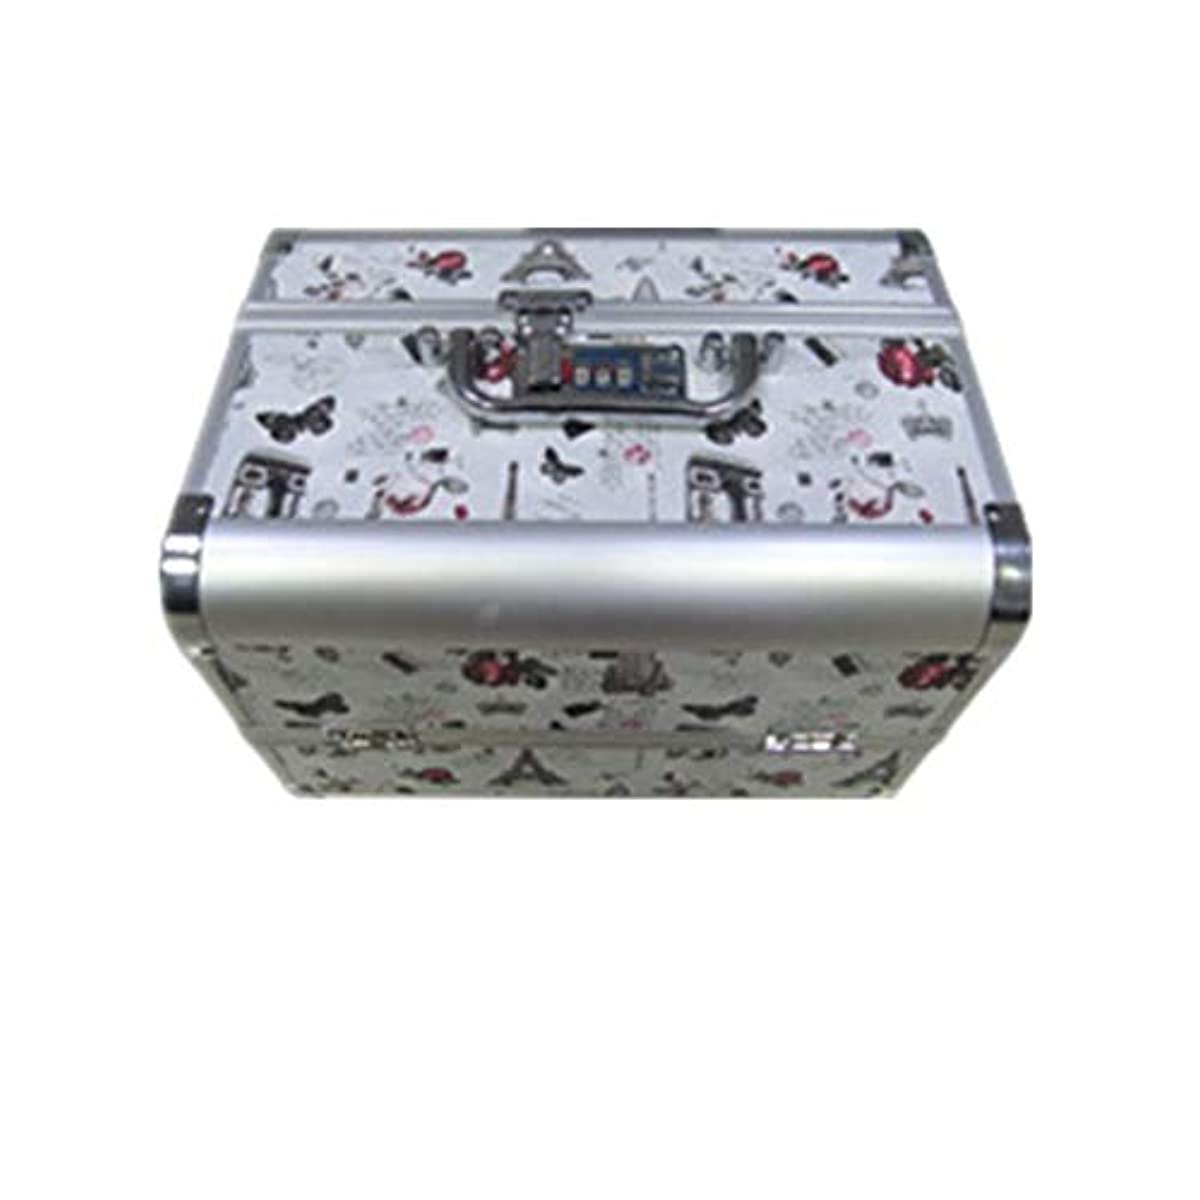 検索対必需品化粧オーガナイザーバッグ 大容量ポータブル化粧ケース(トラベルアクセサリー用)シャンプーボディウォッシュパーソナルアイテム収納トレイ(エクステンショントレイ付) 化粧品ケース